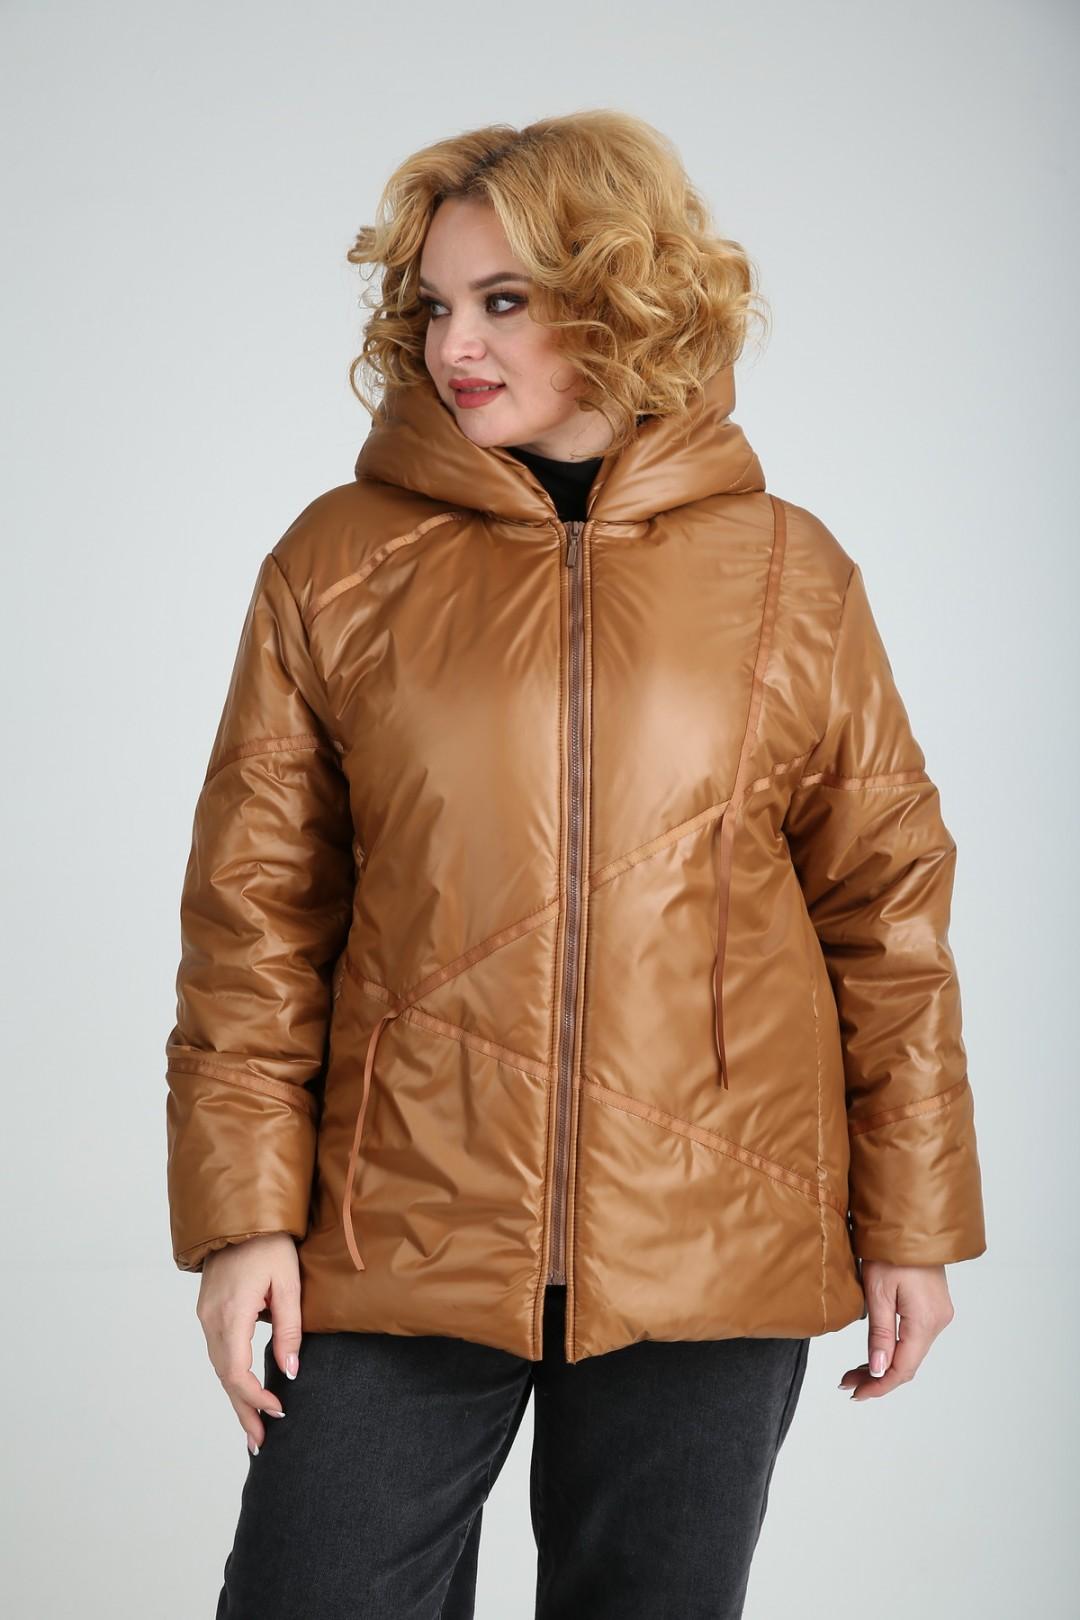 Куртка Diomant 1731 карамель